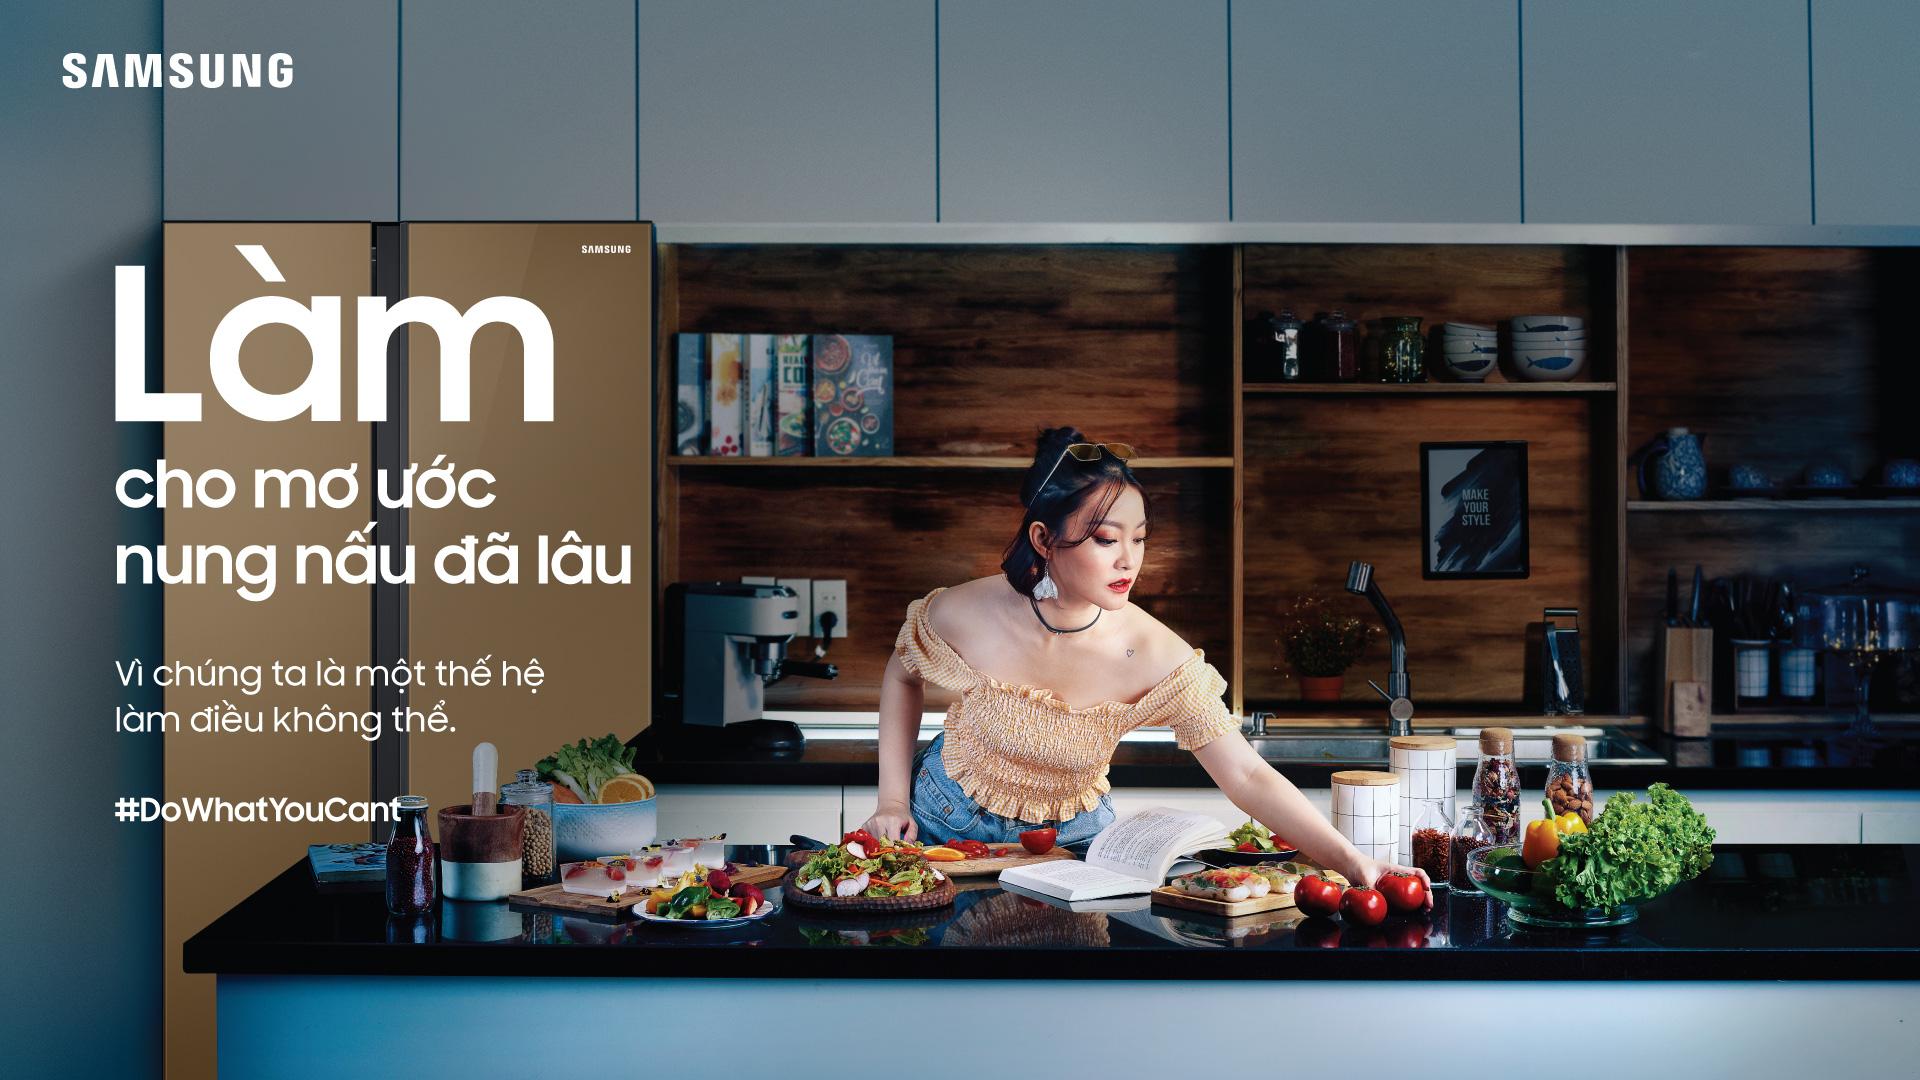 Nét phác mới lạ về thế hệ người trẻ Việt dám làm điều không thể - Ảnh 1.